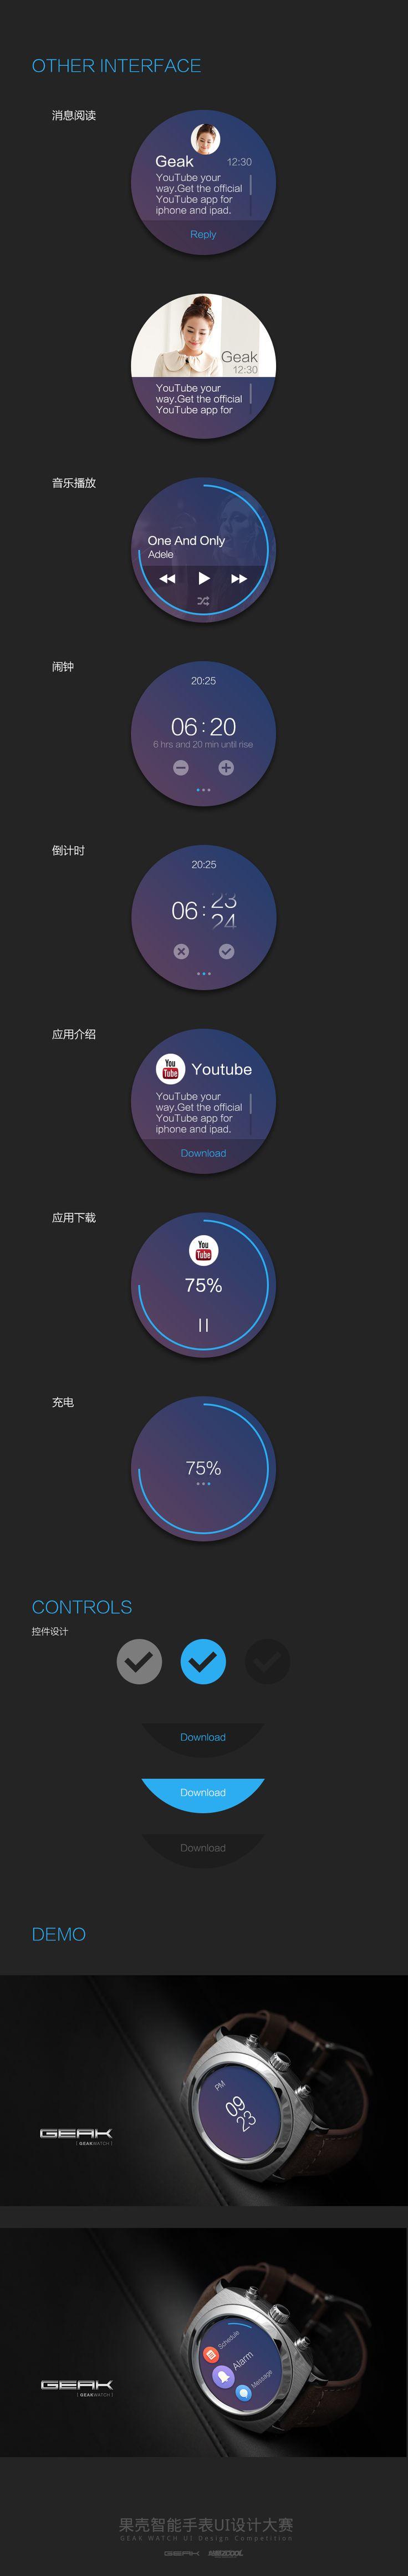 %e6%9e%9c%e5%a3%b3%e5%b1%95%e7%a4%ba2